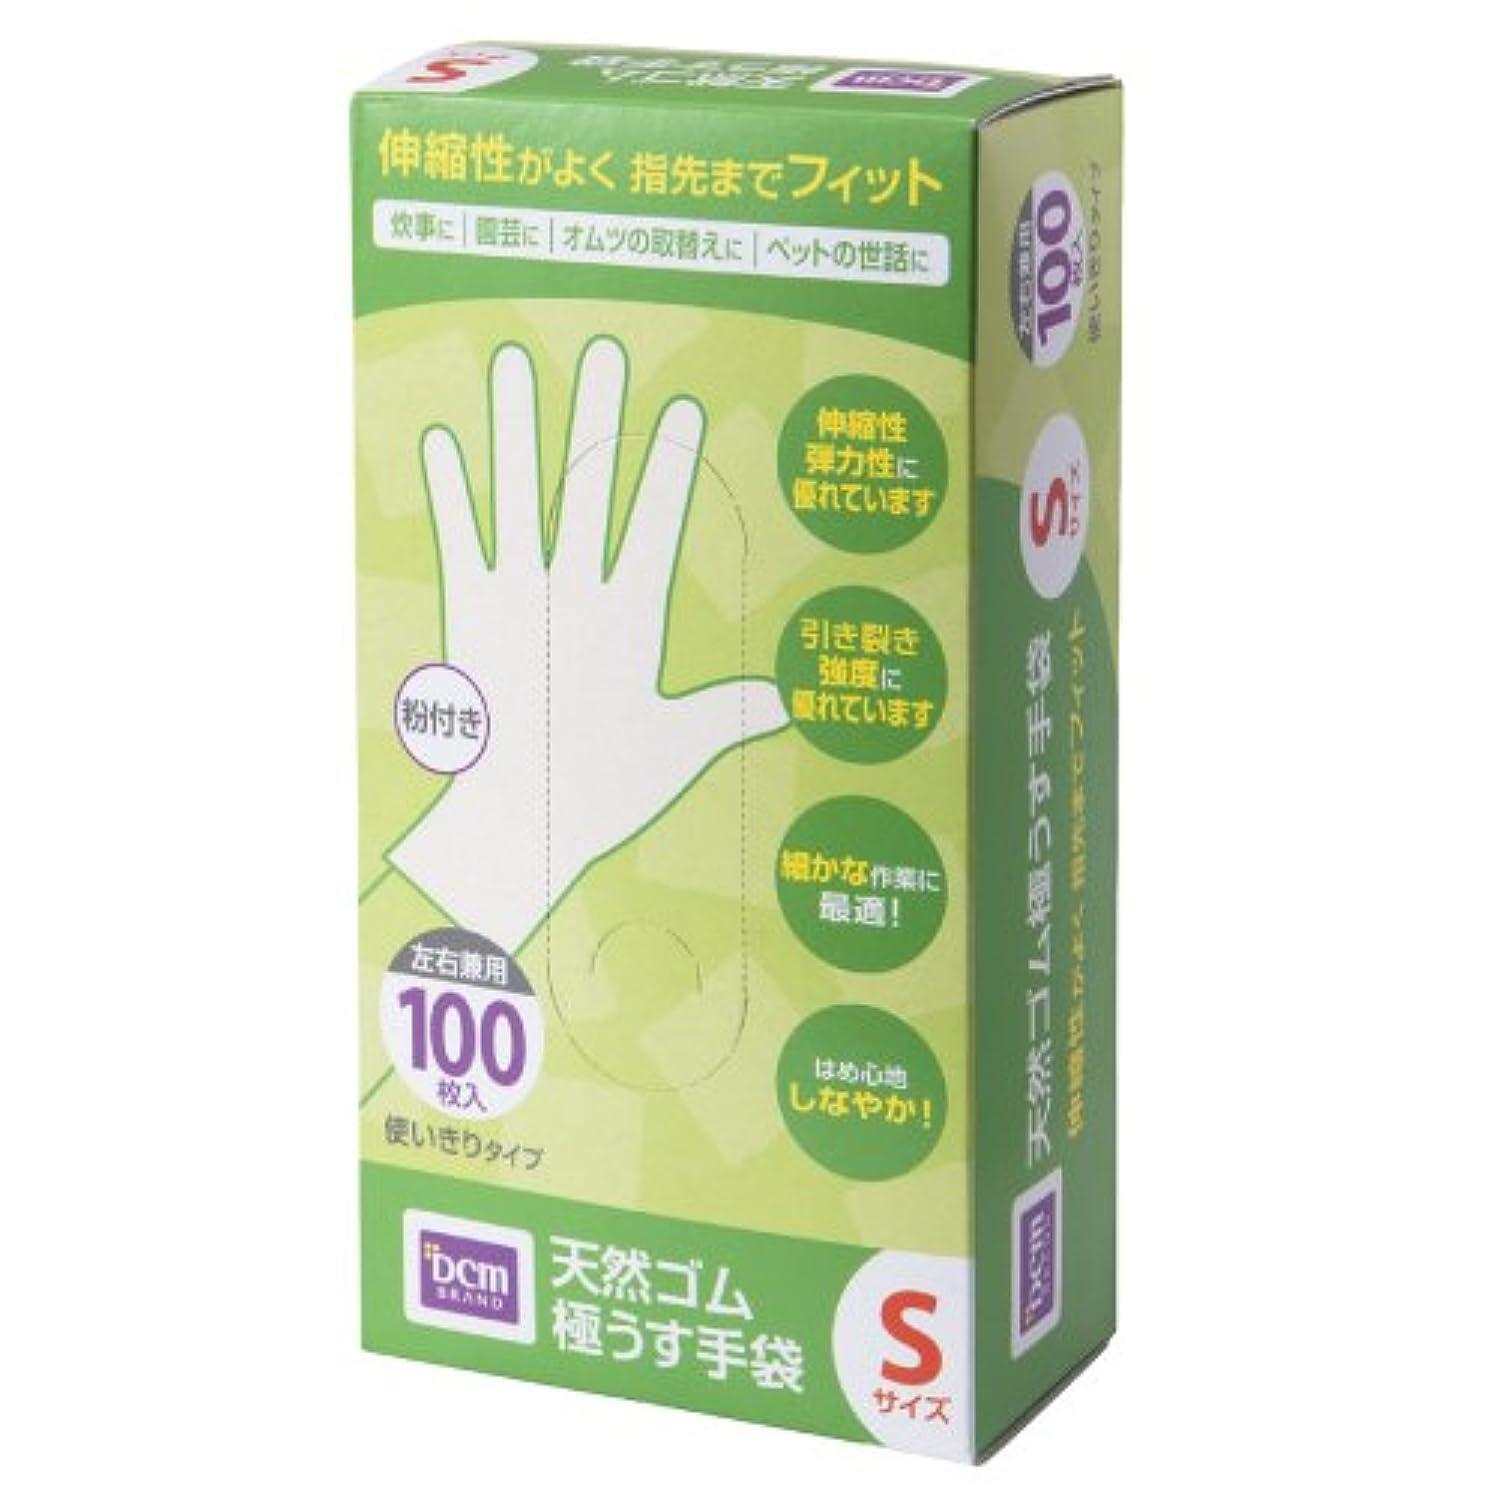 こねる個人カロリー天然ゴム 極うす 手袋 HI06T81 S 100枚入 S